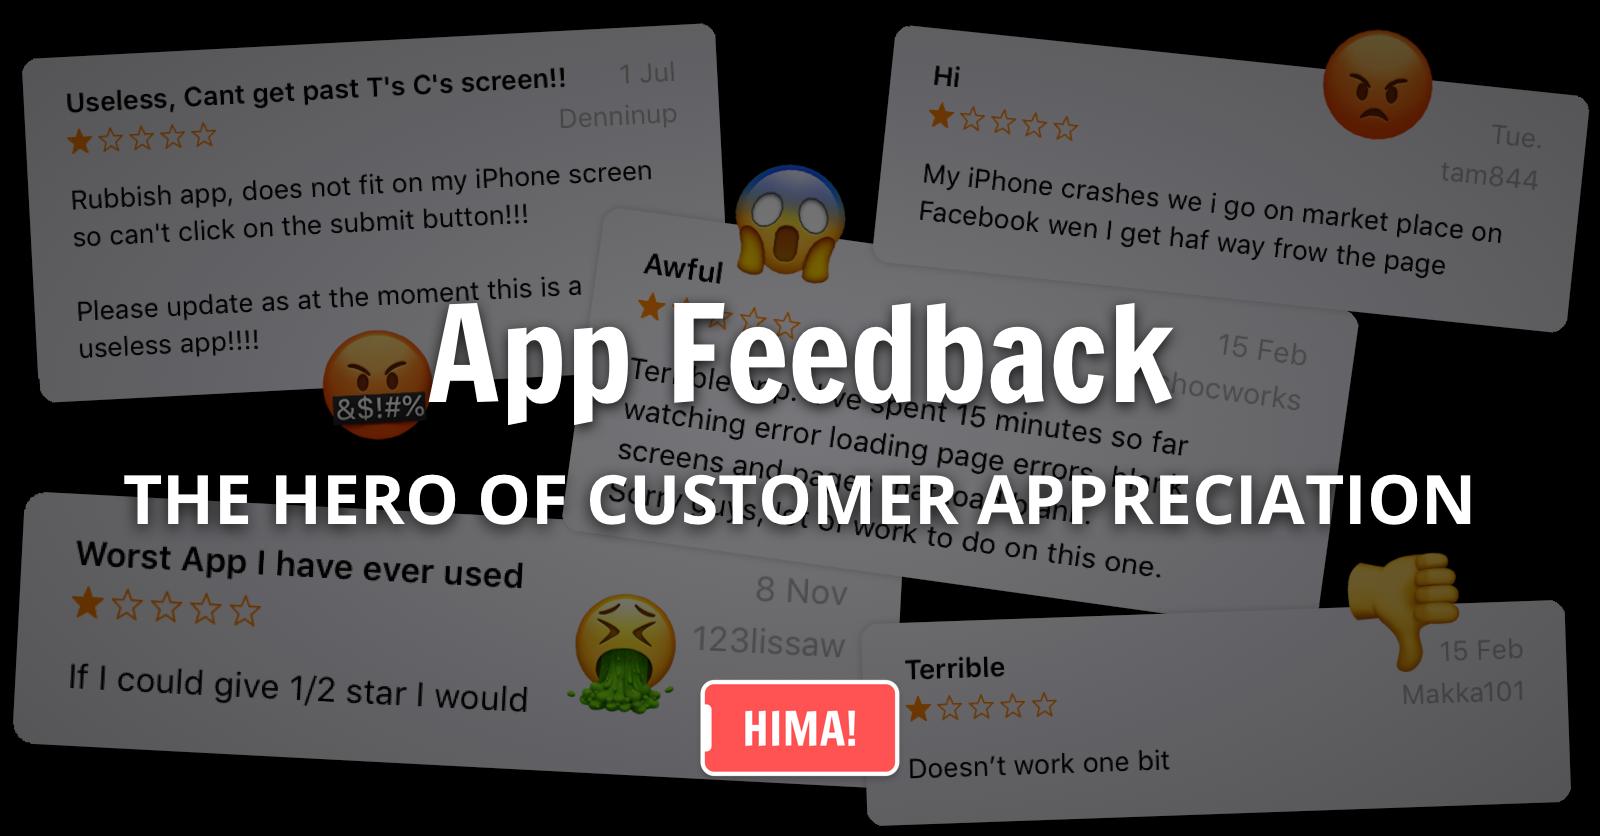 Mobile App Feedback - The Hero of Customer Appreciation